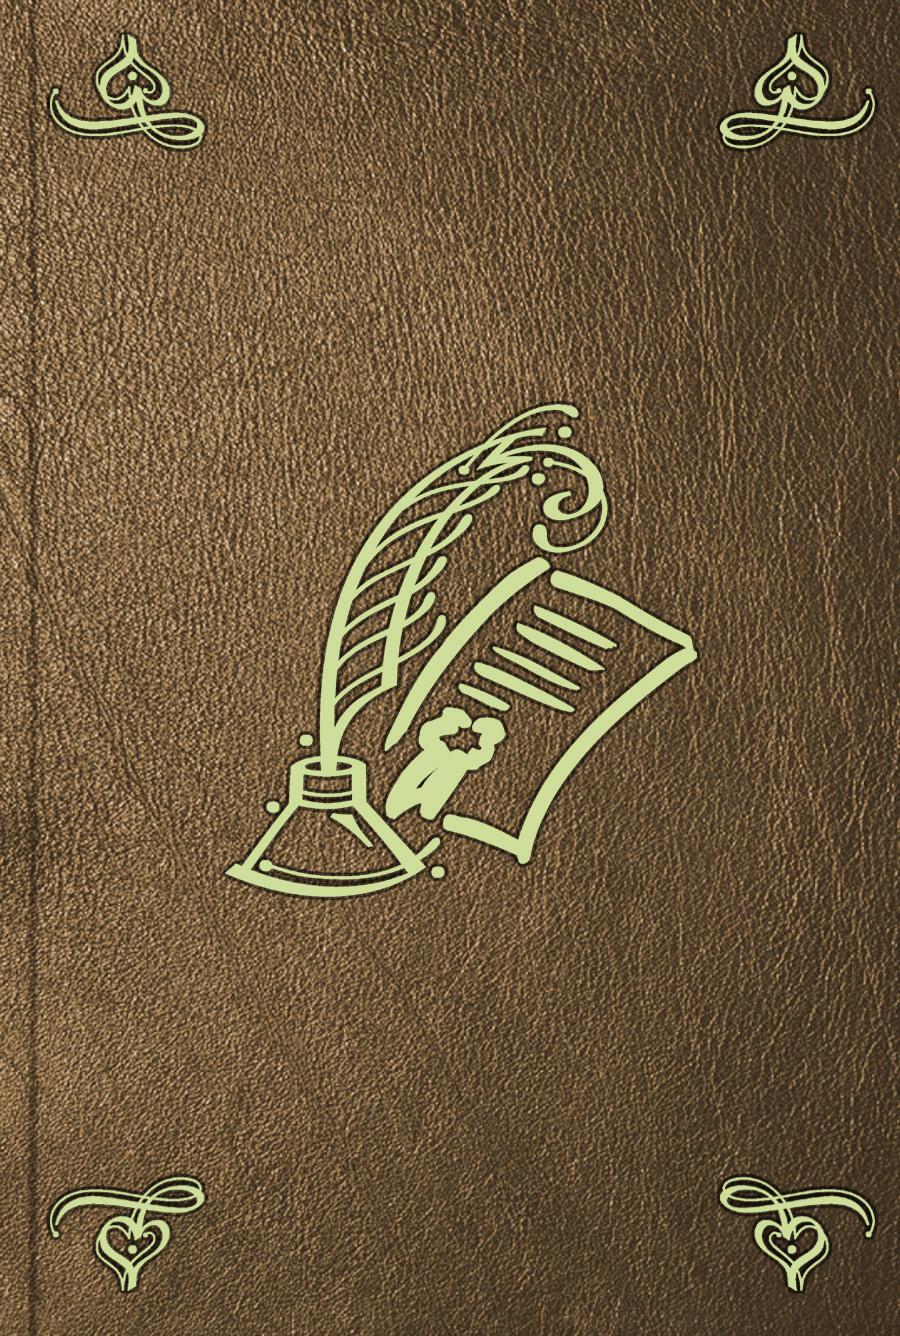 Виктор Павлович Кочубей Отчет министра внутренних дел за 1805 год. шейнов виктор павлович психология манипулирования тайное управление людьми